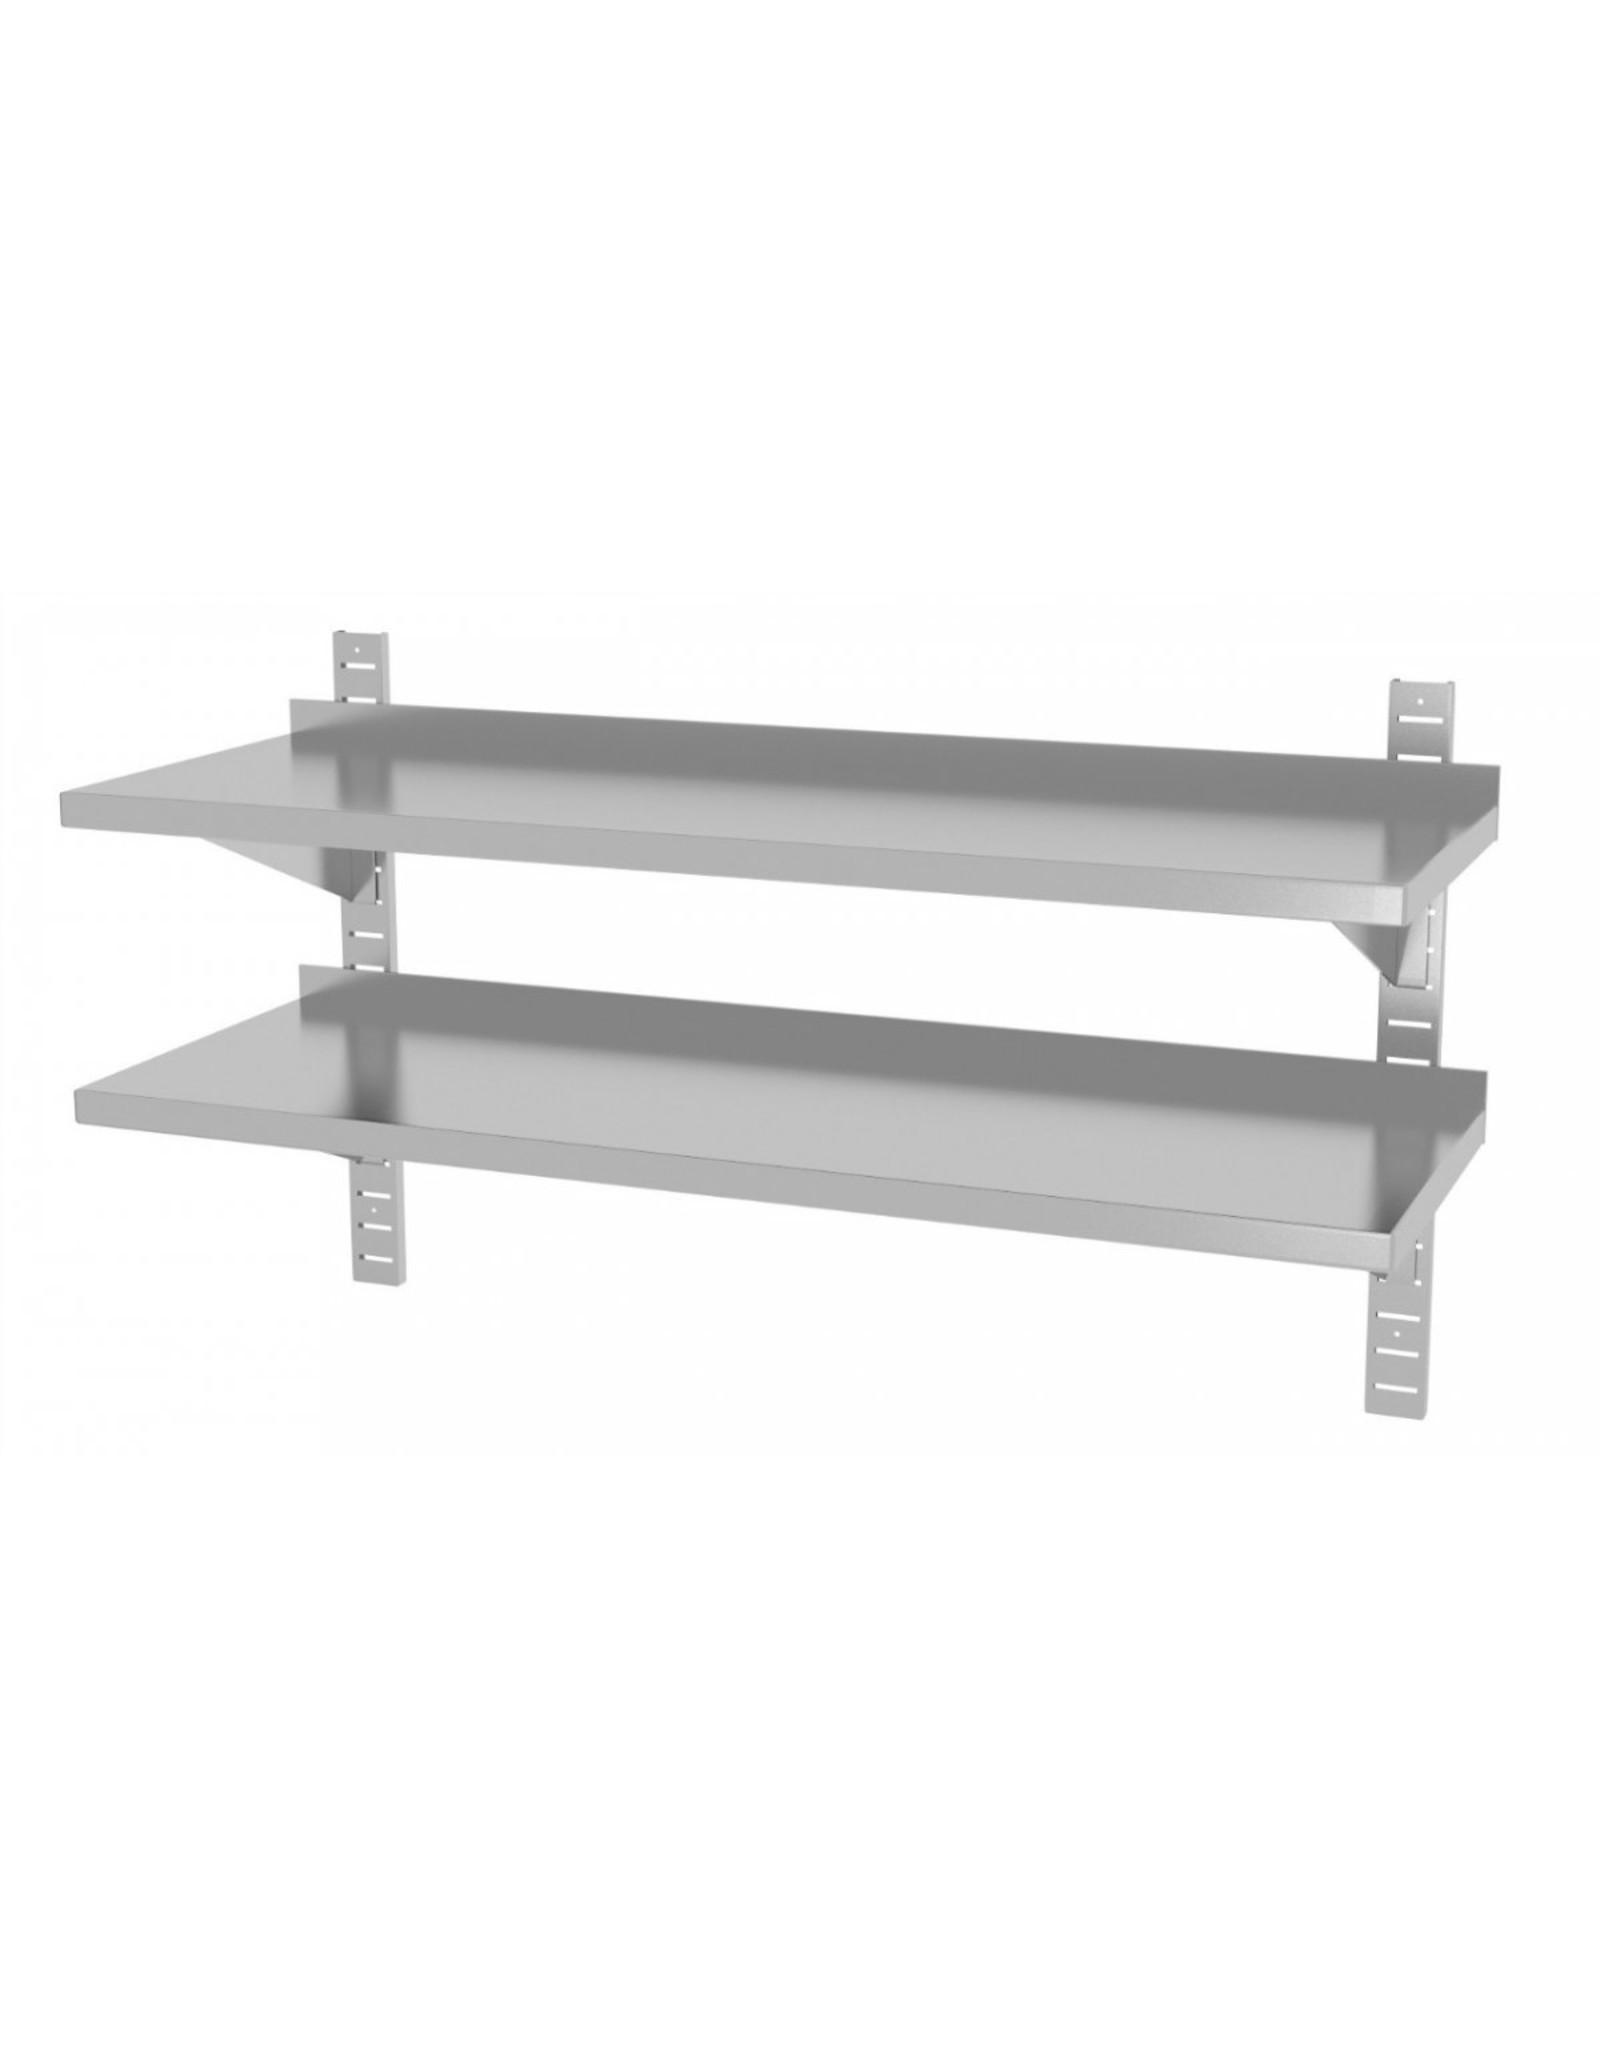 Wandplank | 2 planken | met 2 beugels | 600-1500mm breed | 300 of 400mm diep